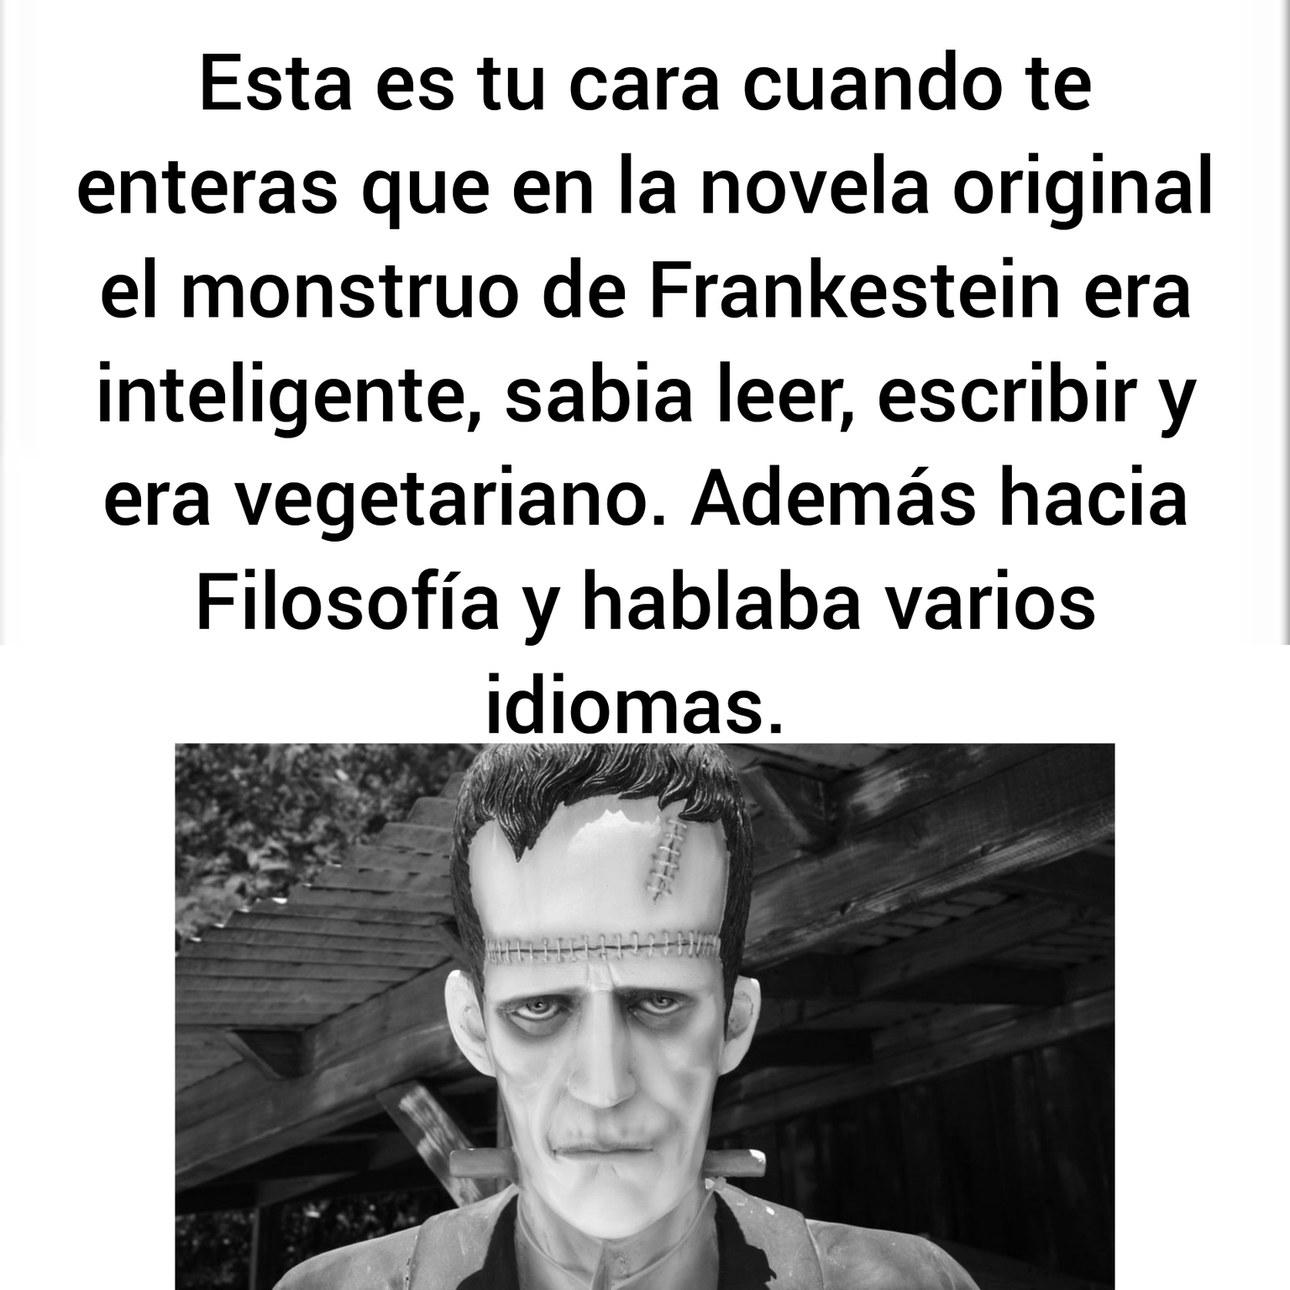 El monstruo no tenía nombre, Frankestein era su creador - meme